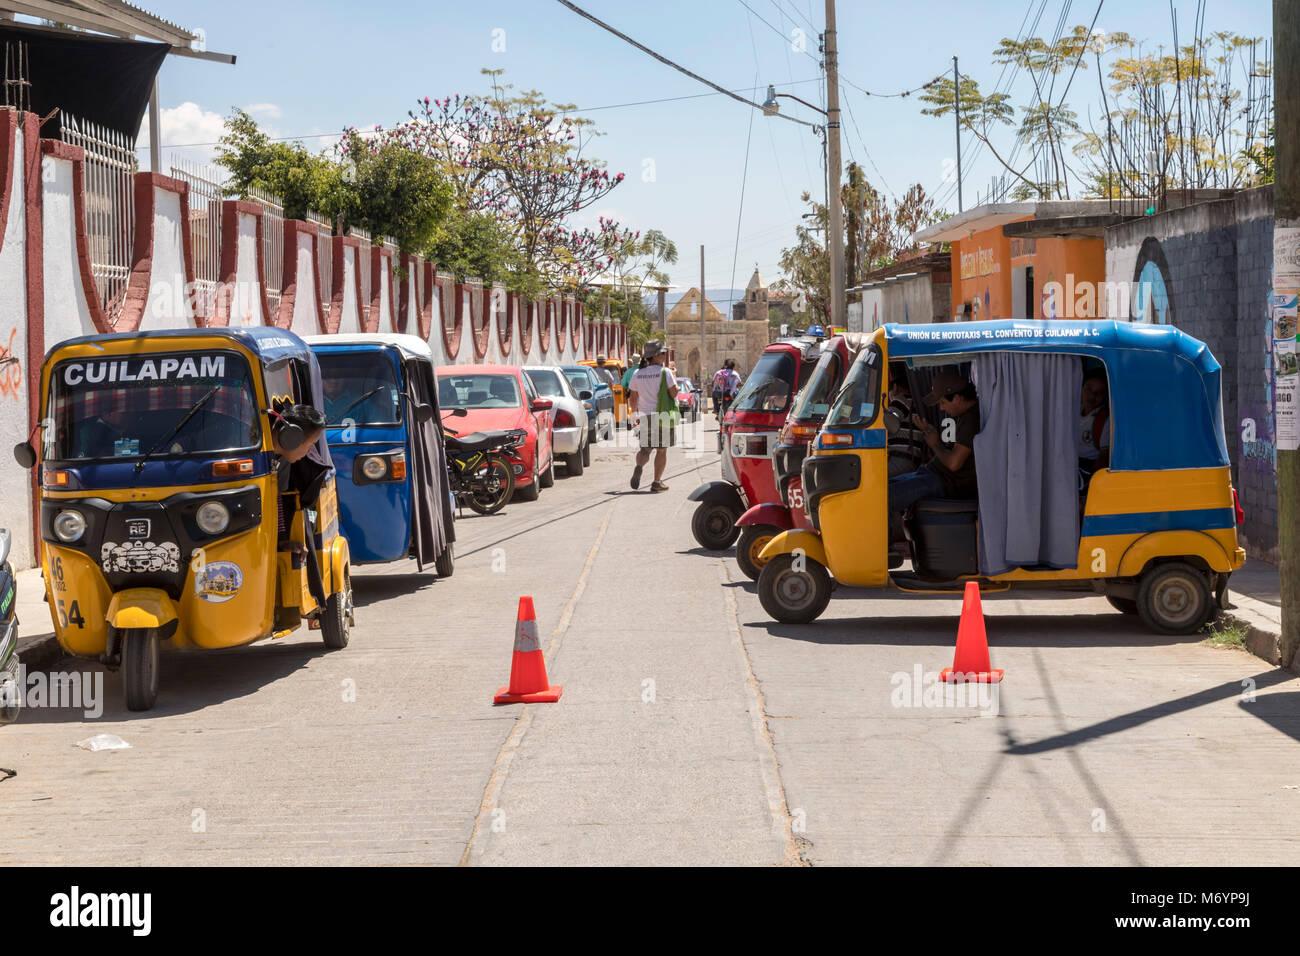 Wheel City Motors >> Cuilapam De Guerrero Oaxaca Mexico Three Wheel City Taxis Made